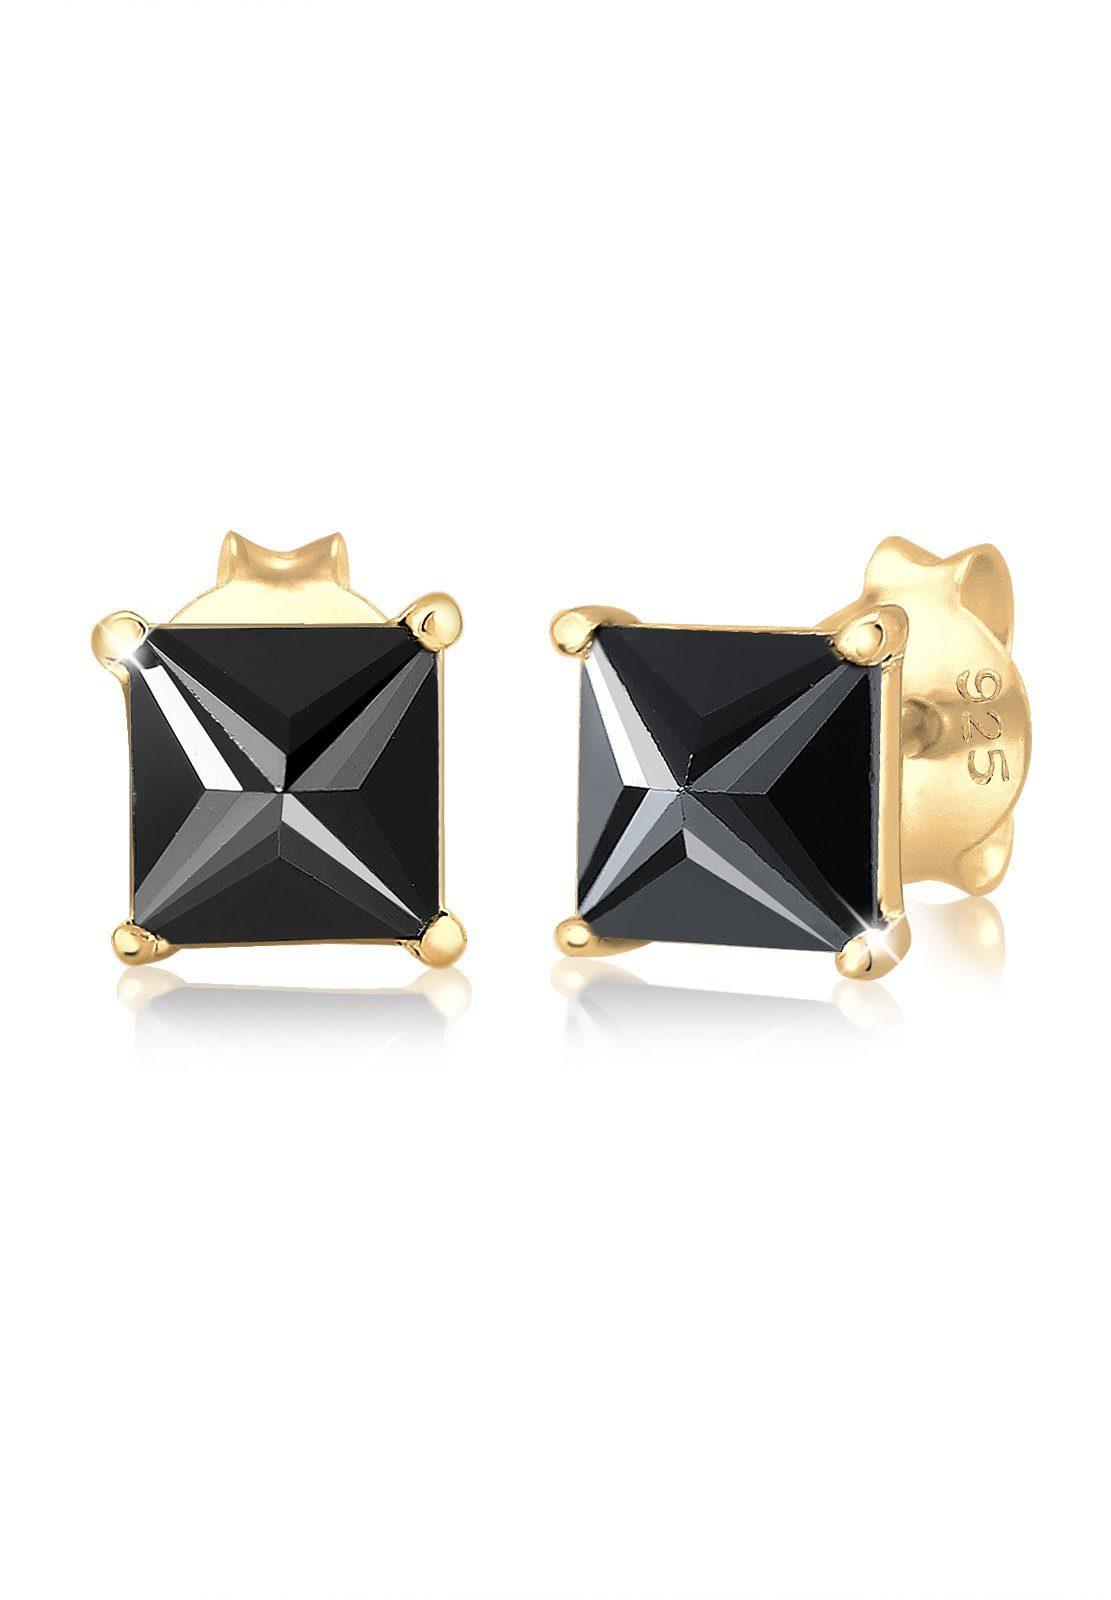 Armbanduhren Uhren & Schmuck Mab London Damen Mit Steinen Besetzt Schwarzes Zifferblatt & Gold Farbe